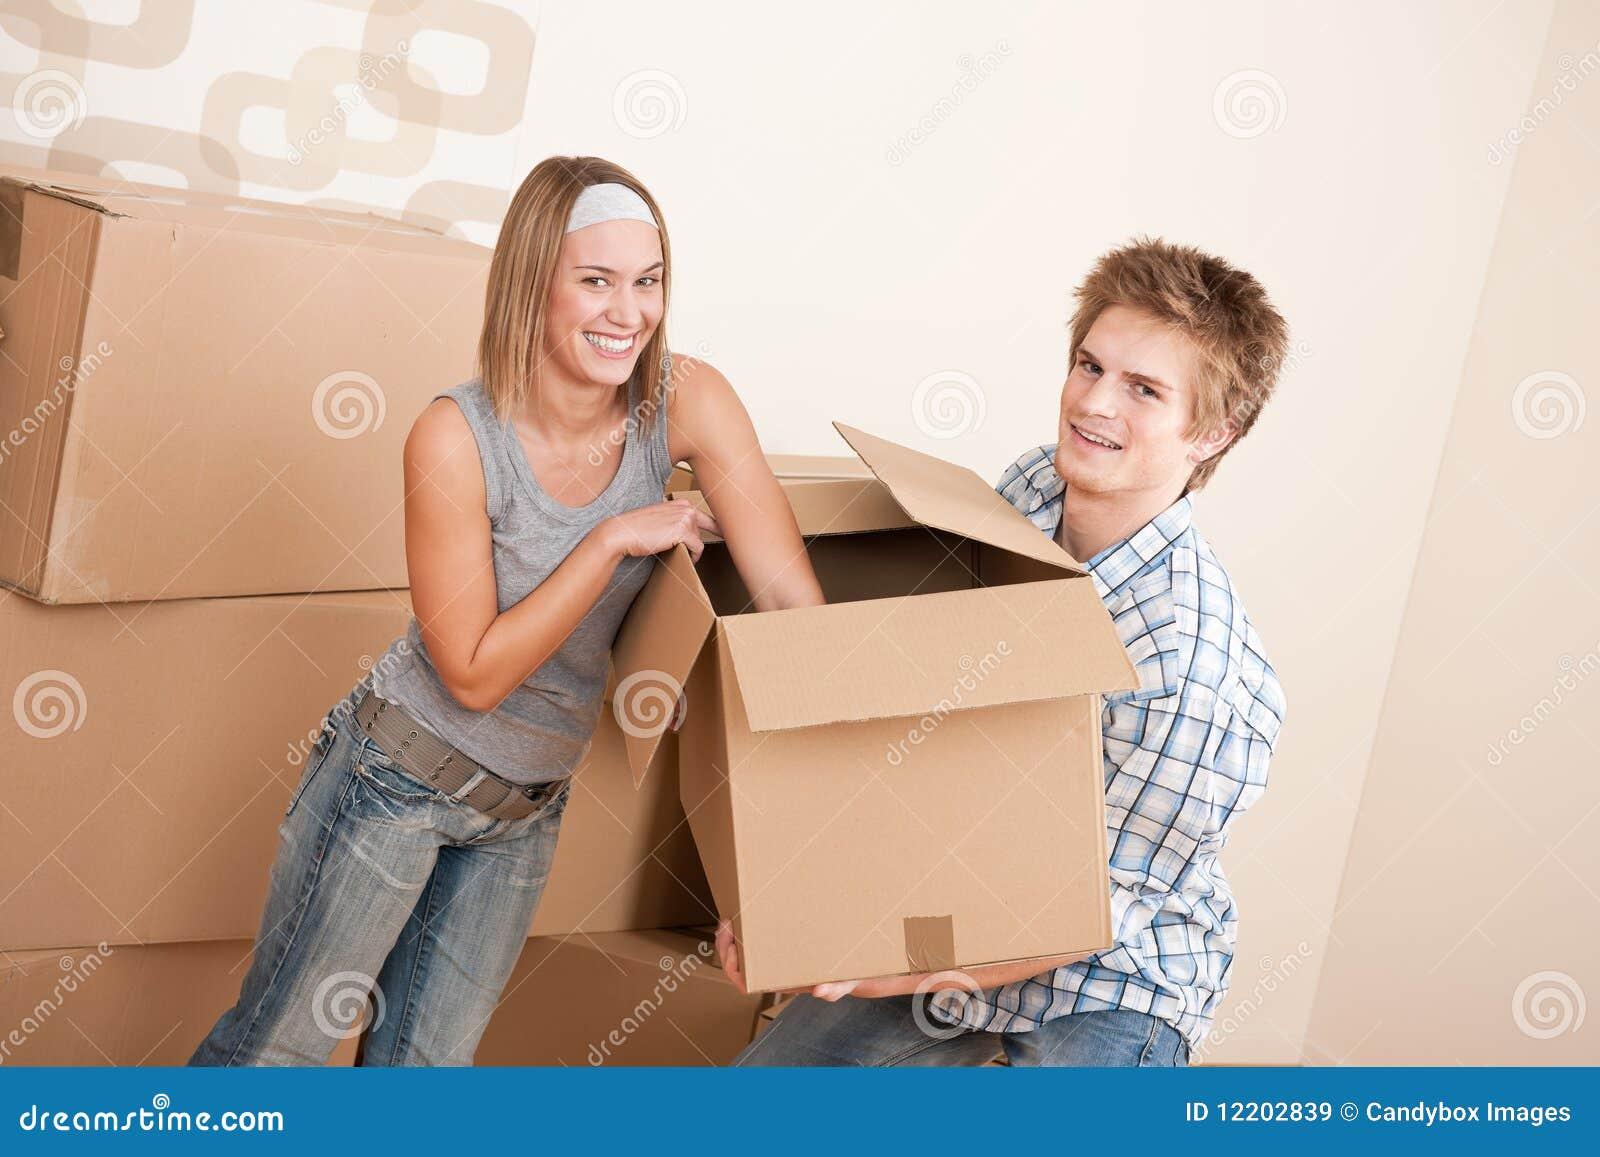 Neues Haus: Beweglicher Kasten der jungen Paare, entpackend